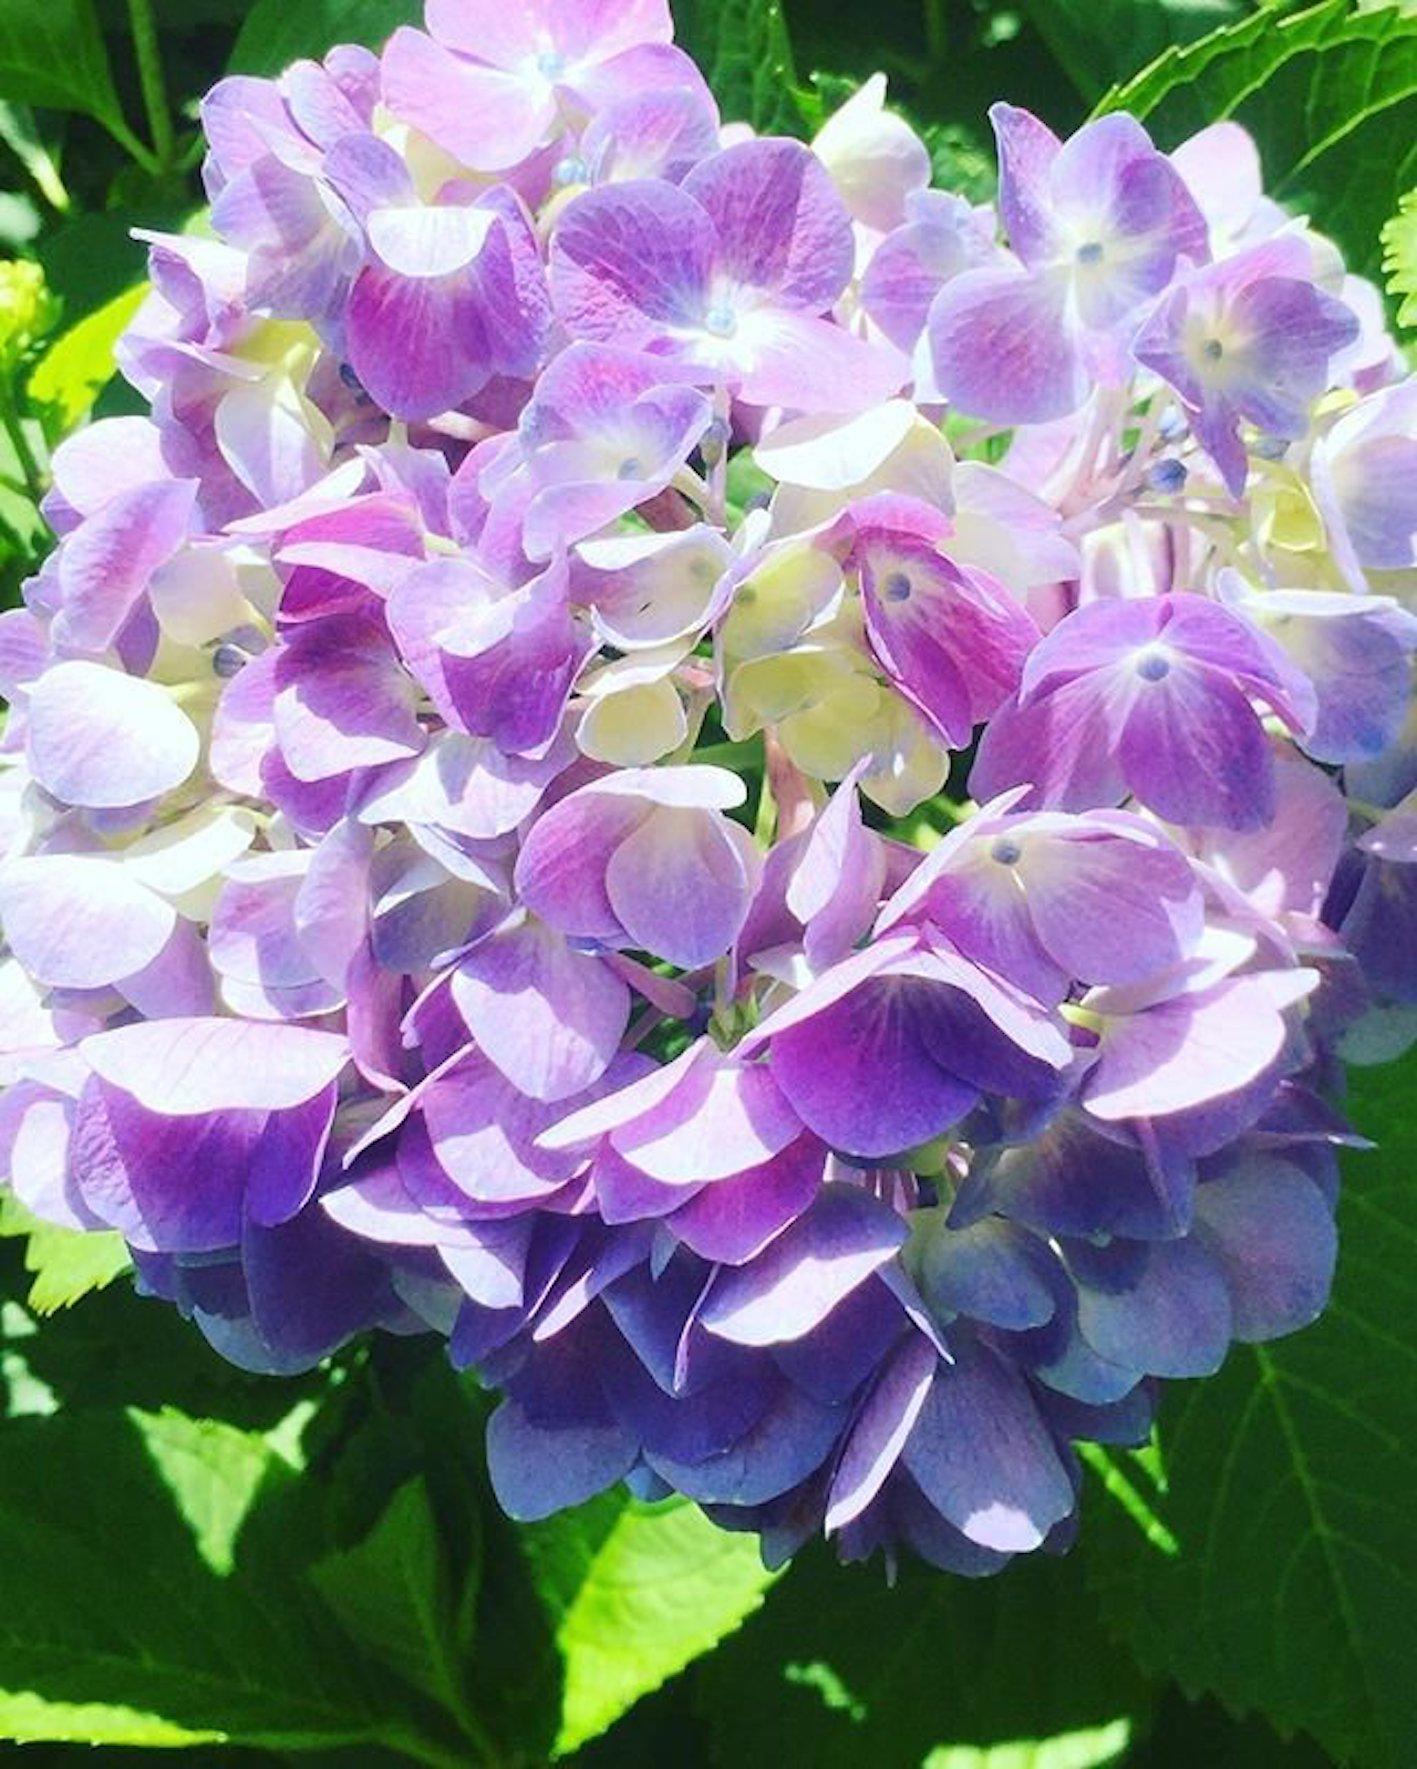 紫陽花 なぜ 梅雨